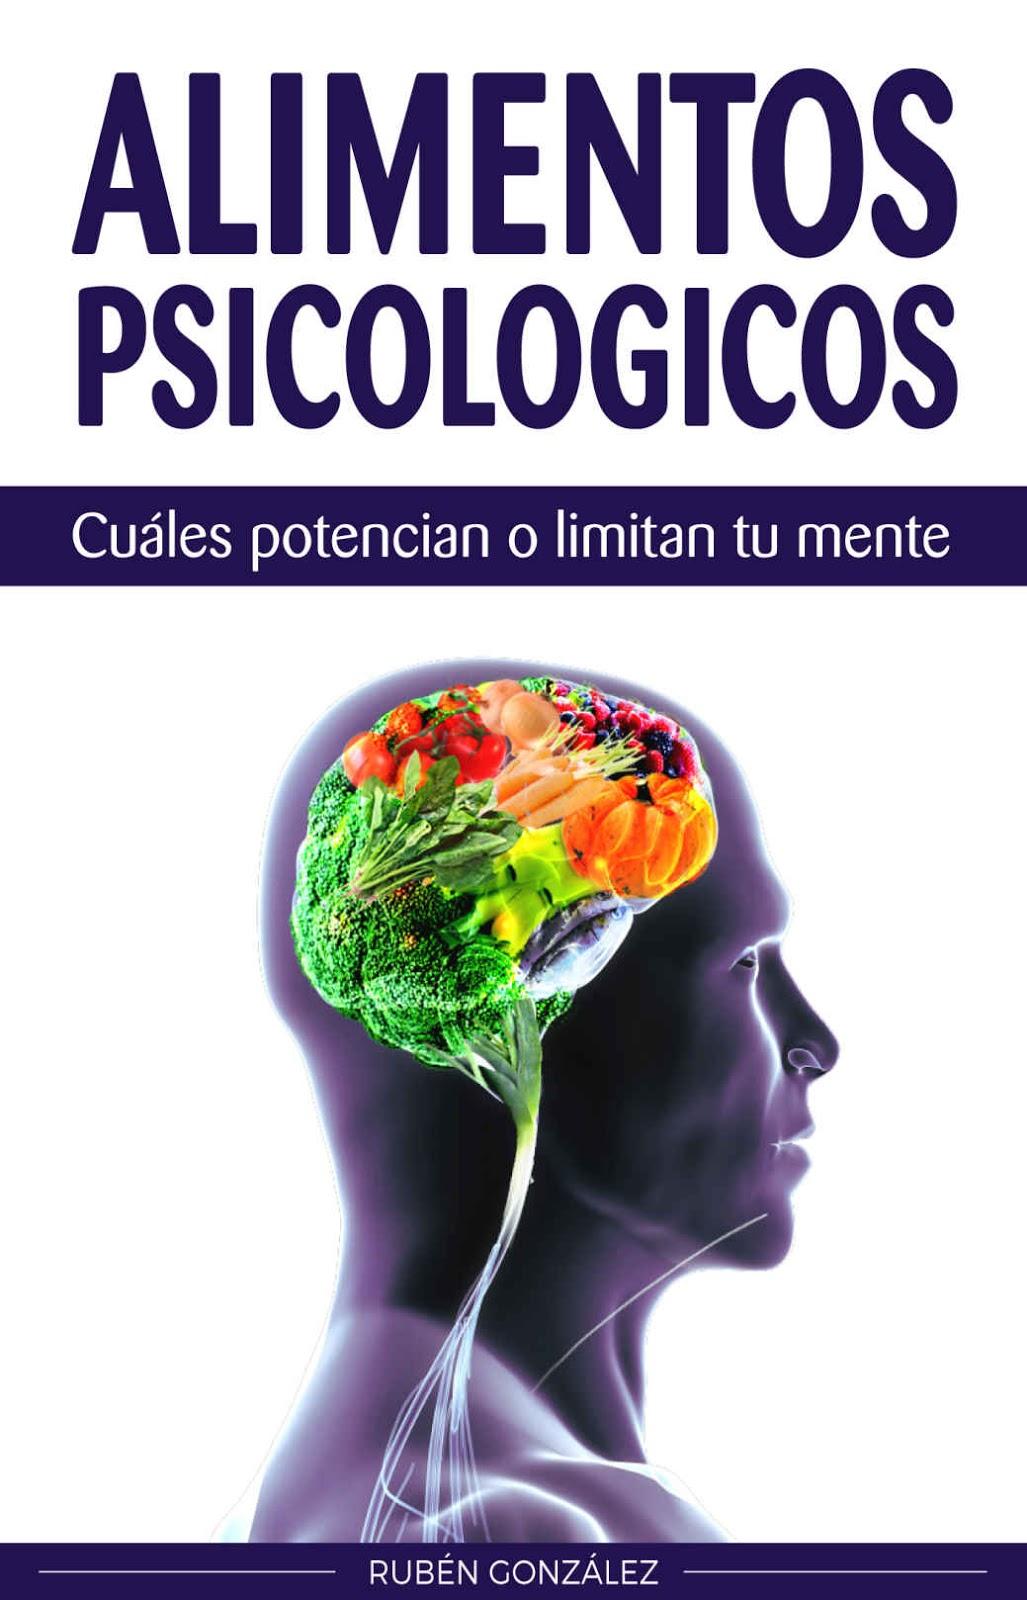 Alimentos psicológicos: Cuáles potencian o limitan tu mente – Rubén González